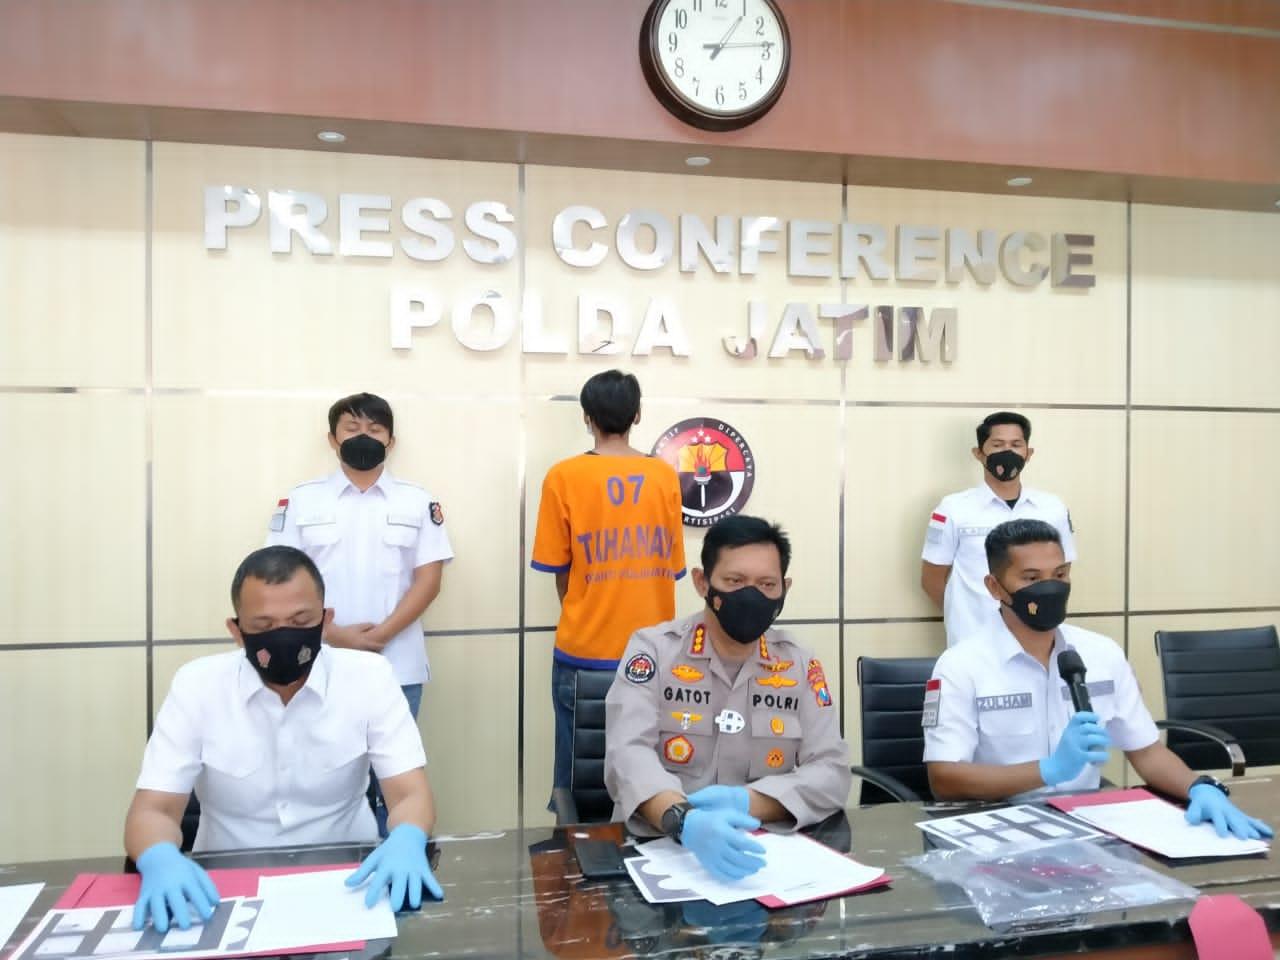 Kabid Humas Polda Jatim Kombes Pol Gatot Repli Handoko sedang menjelaskan kasus protistusi online di bawah umur di Surabaya. (Foto:Rangga Aji/Tugu Jatim)